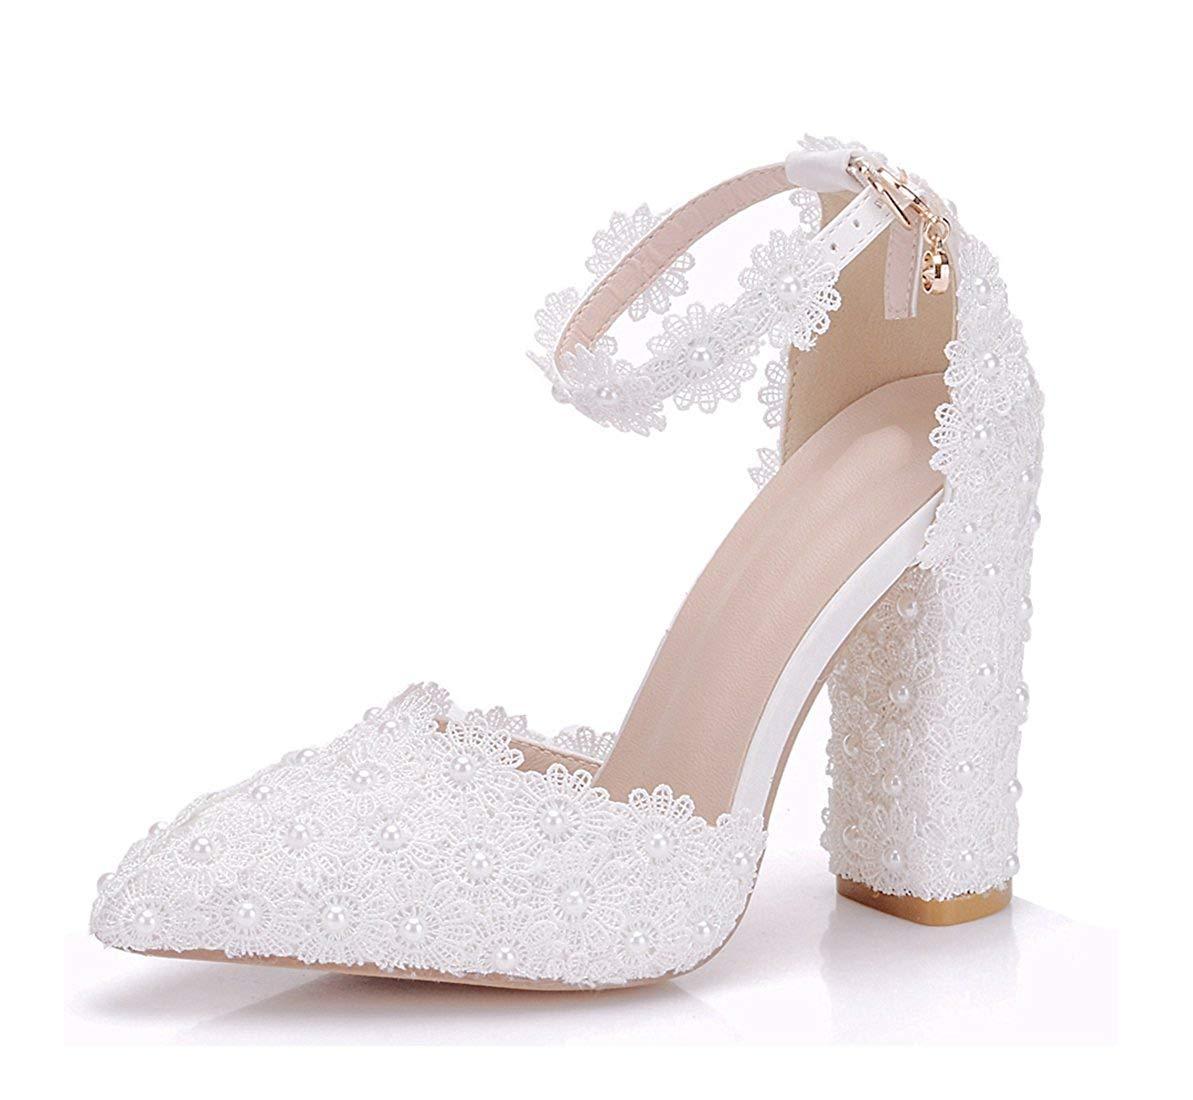 Qiusa Frauen Spitze Spitze Spitze Blaumen besetzt Chunky High Heel Elfenbein Braut Hochzeit Schuhe UK 5.5 (Farbe   - Größe   -) e615bc